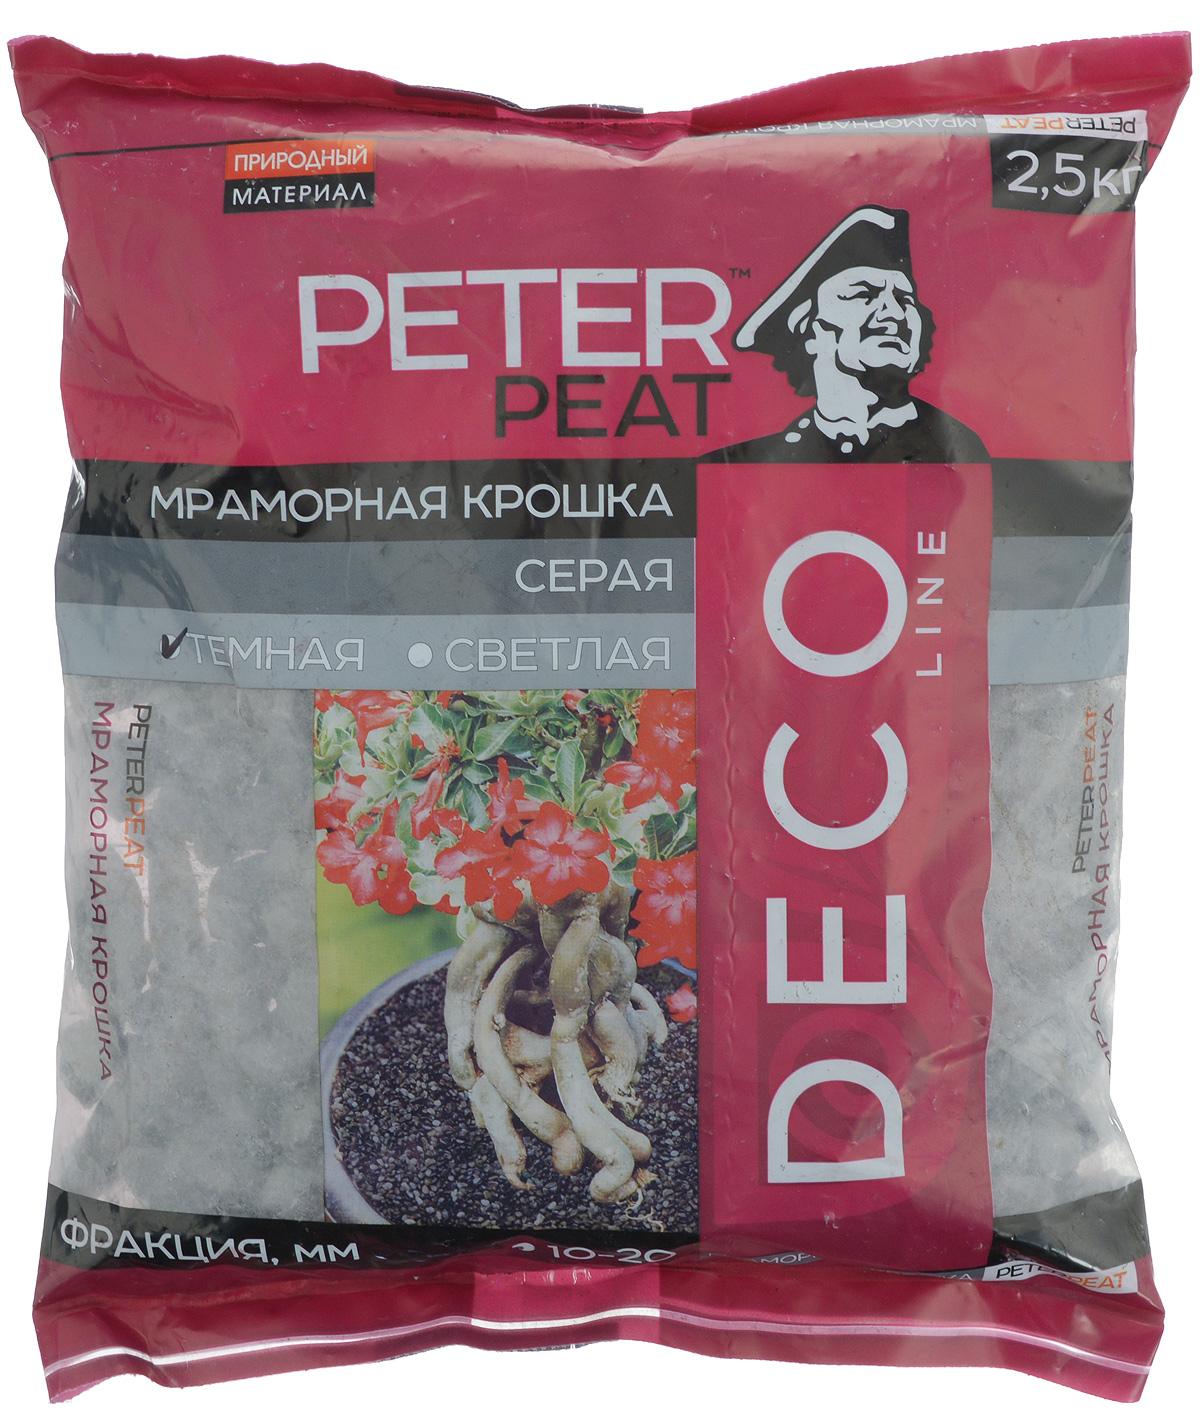 Мраморная крошка Peter Peat, крупная, цвет: темно-серый, 2,5 кгД-0532-2,5Мраморная крошка Peter Peat - универсальный сыпучий декоративный материал зернисто-кристаллической породы, получаемый дроблением природного мрамора. Применяется в ландшафтном дизайне для оформления цветников, альпийских горок, оригинальных клумб, засыпки тропинок и создания композиций. Мраморная крошка обладает фильтрующими свойствами и отличается своей долговечностью.